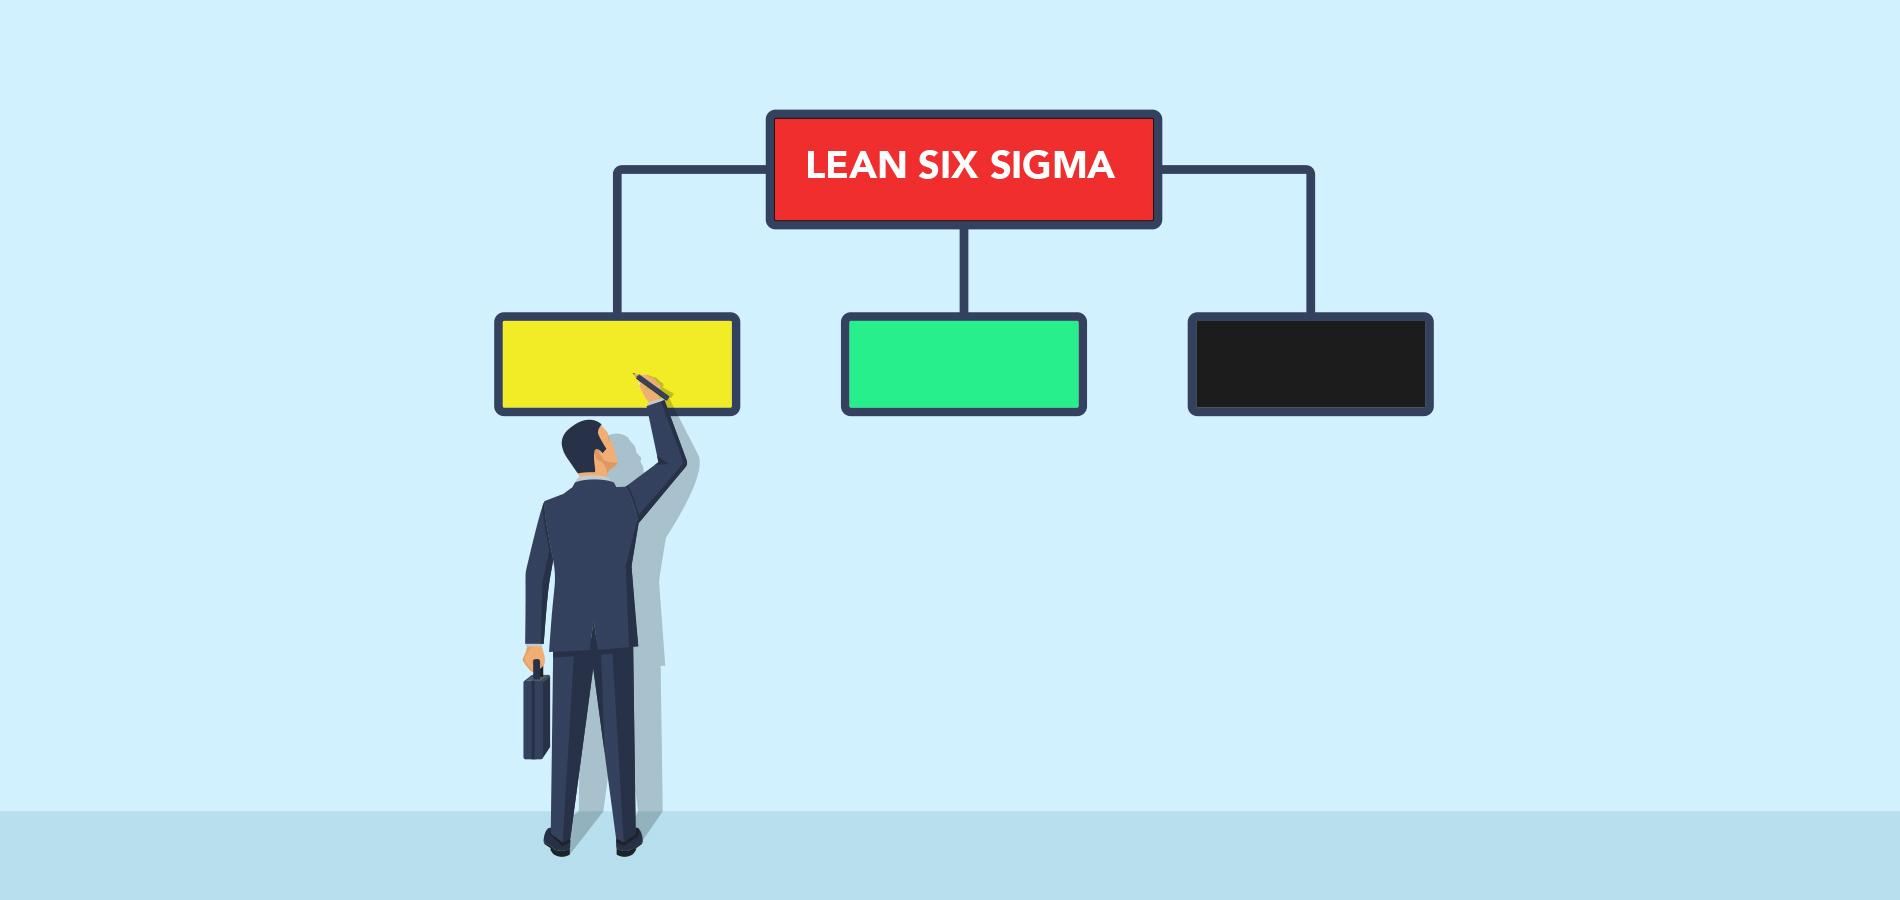 Basics of Lean Six Sigma